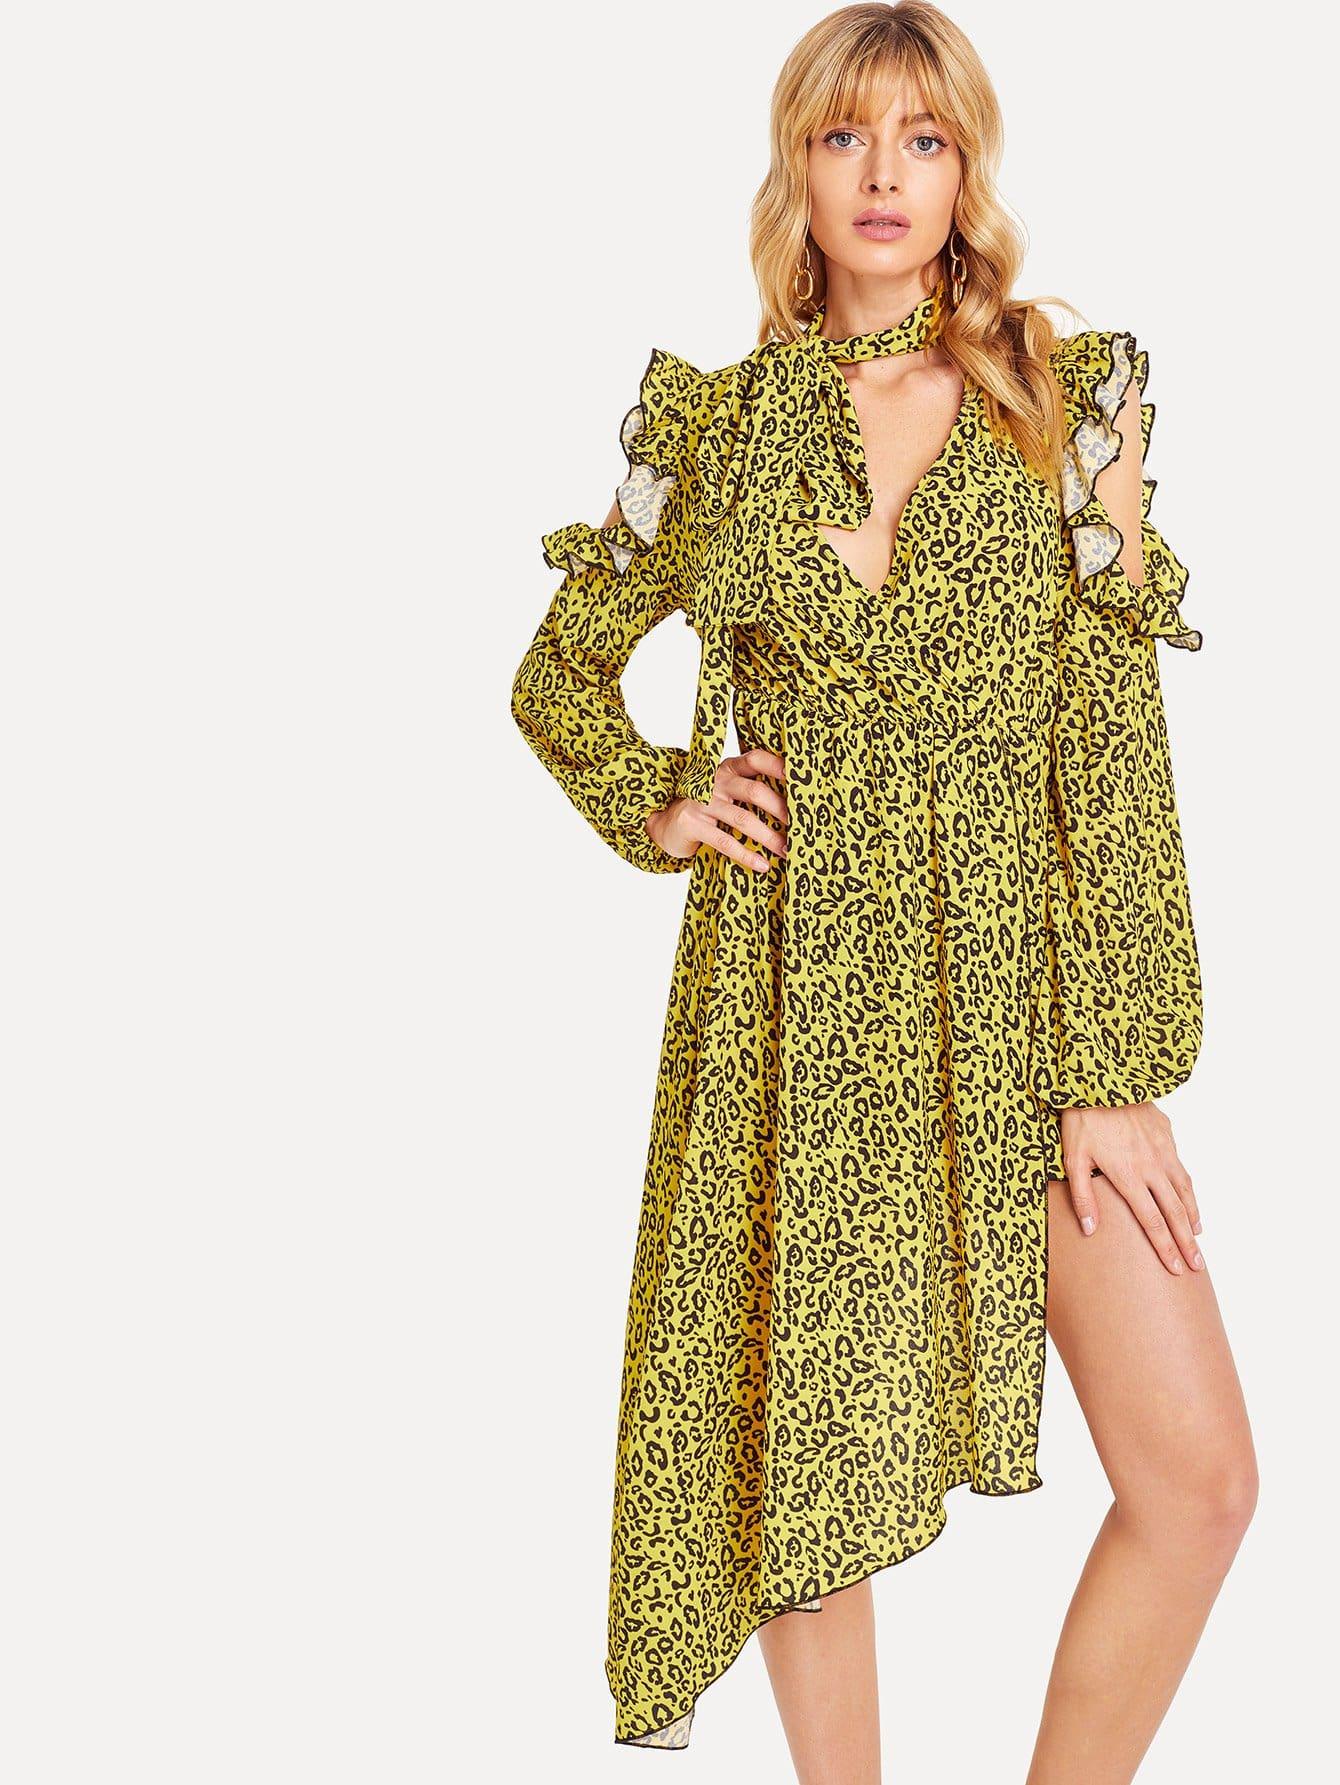 Купить Платье леопарда с холодным плечом, Masha, SheIn